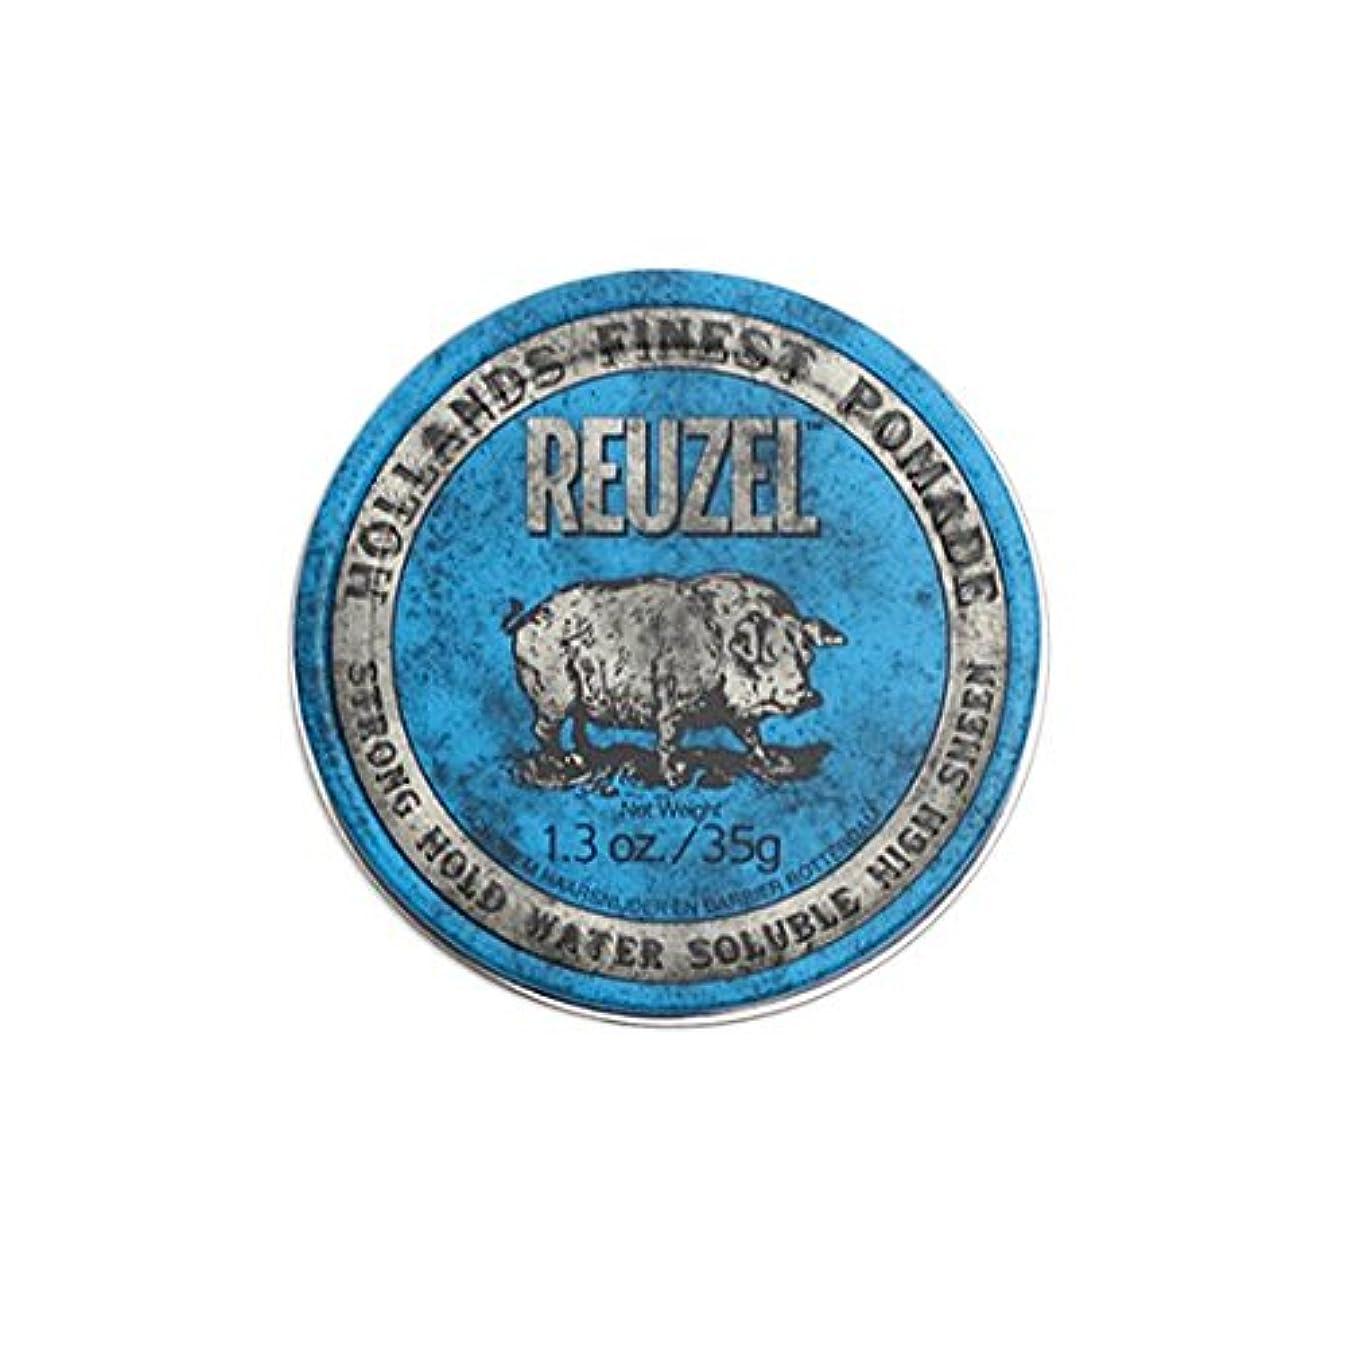 集まる影響モータールーゾー REUZEL STRONG HOLD HIGH SHEEN ストロングホールド ブルー 35g